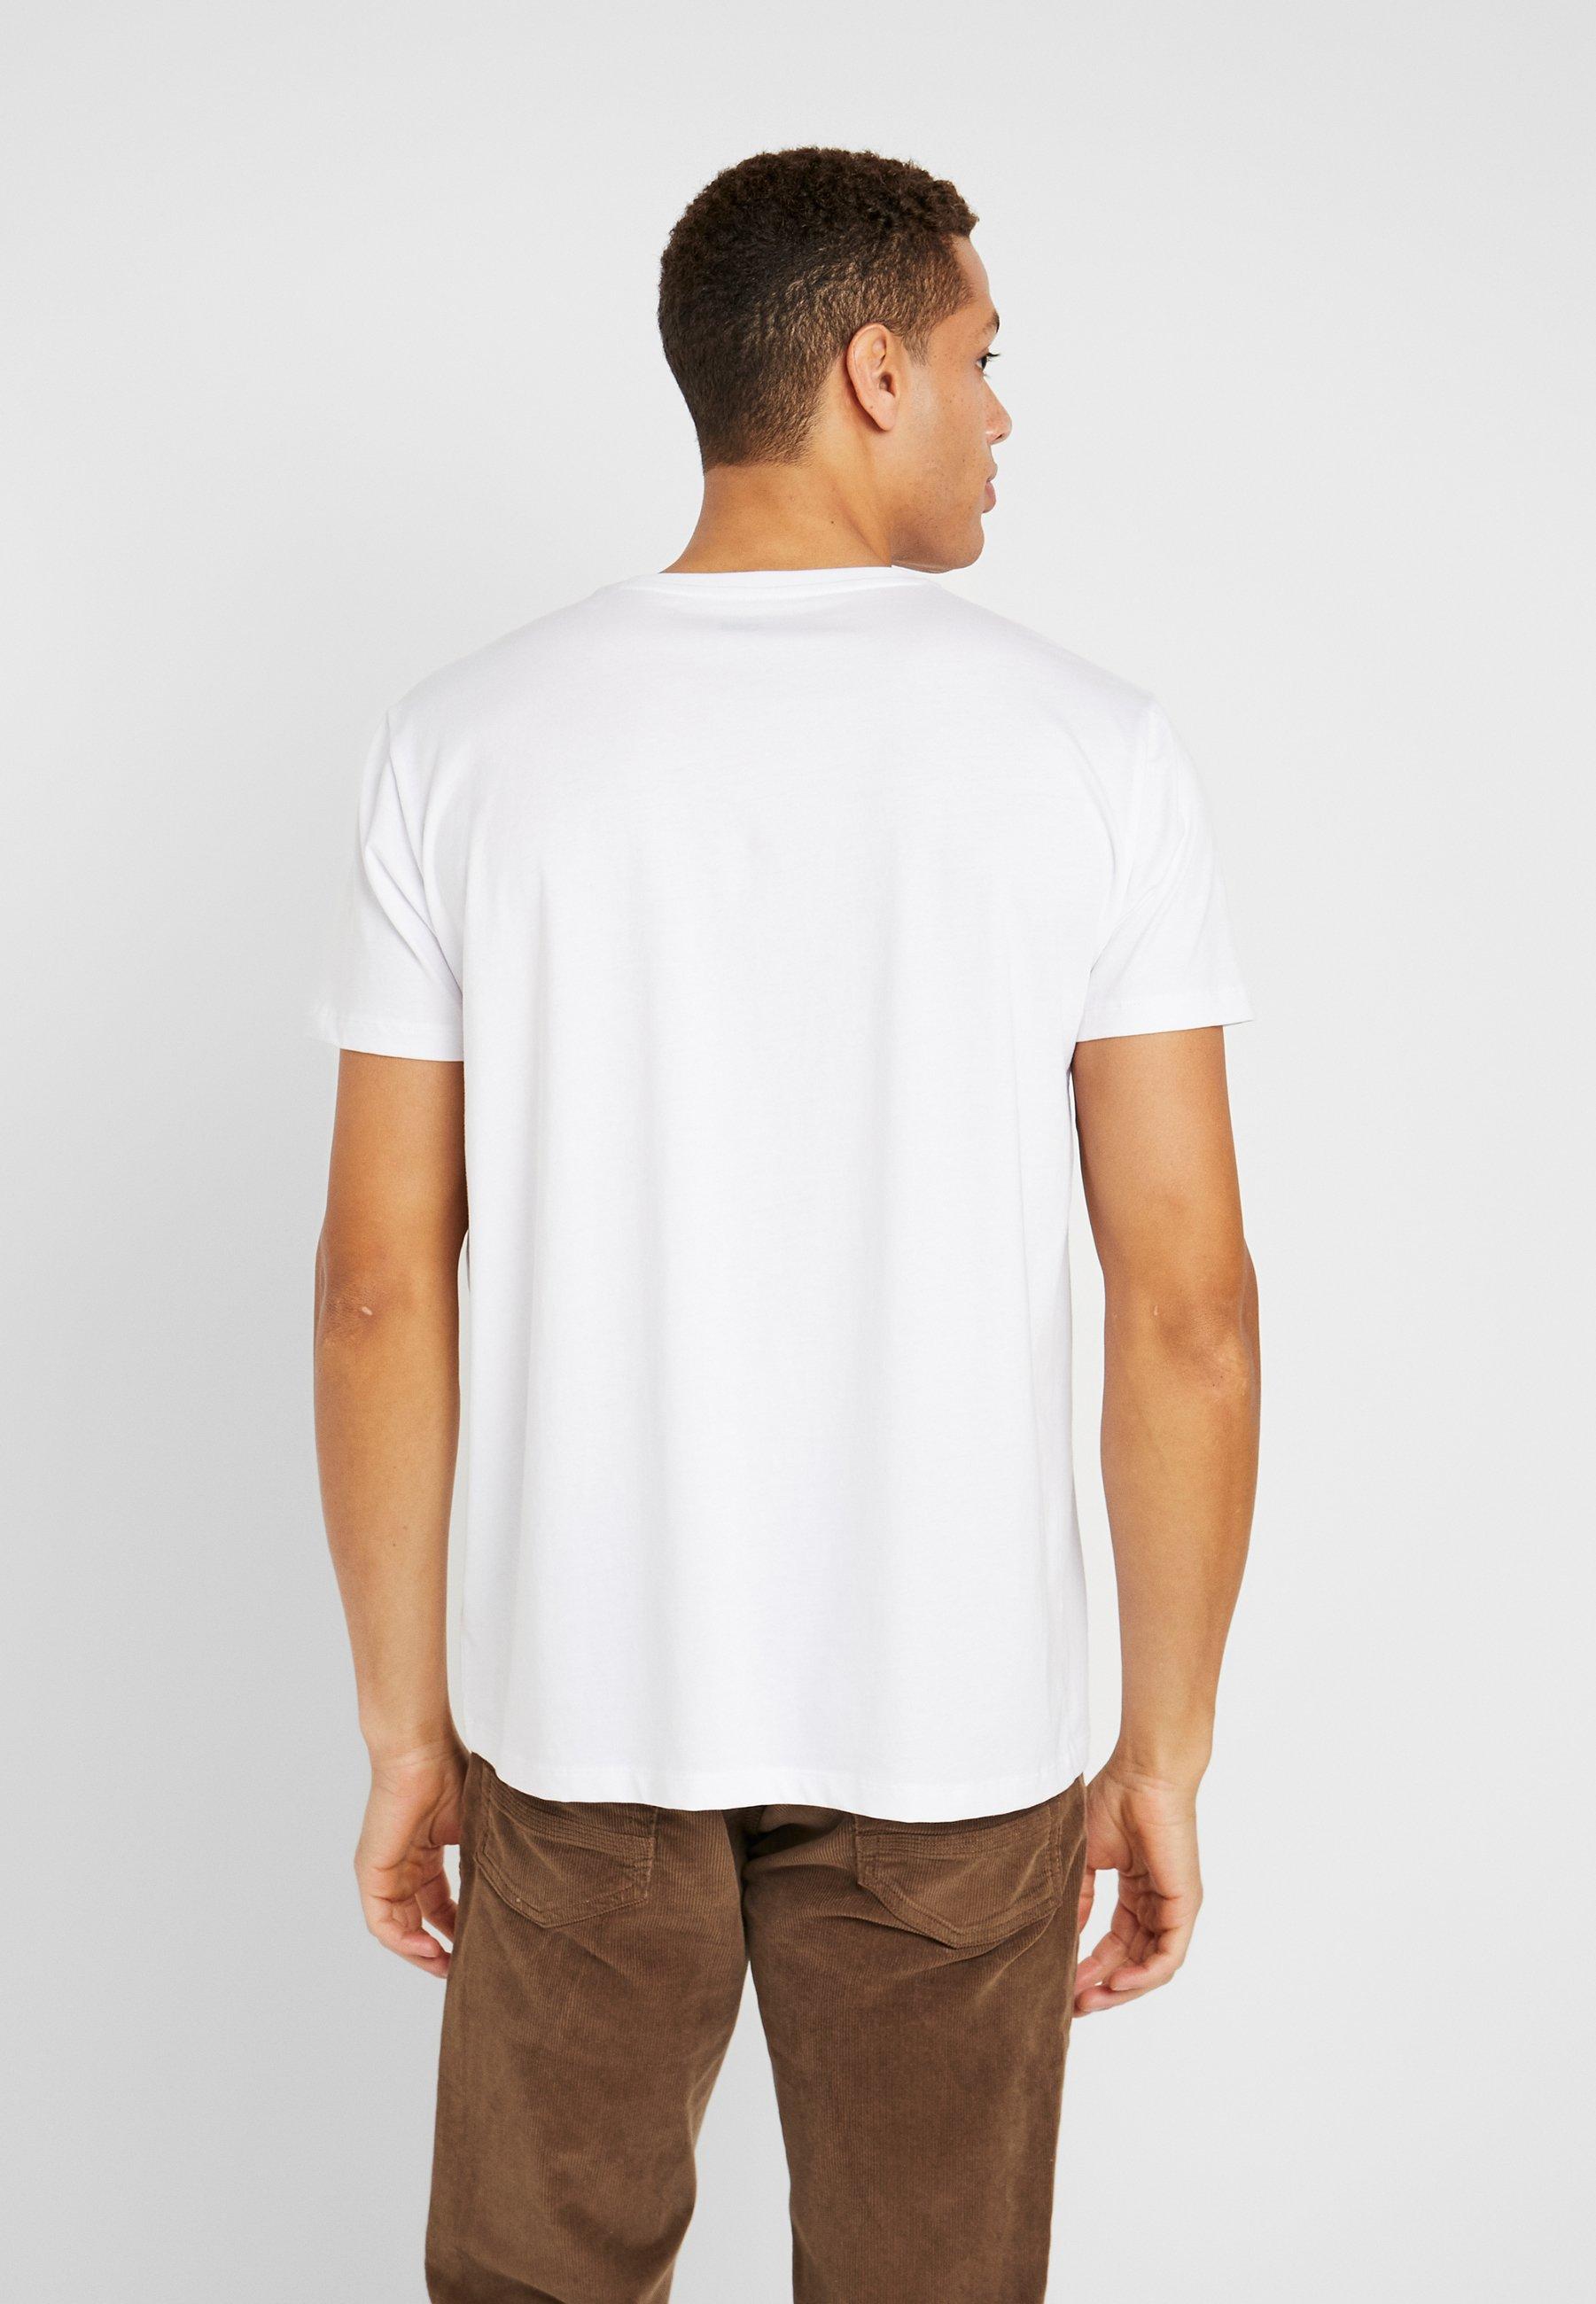 Esprit Camiseta estampada - white aLIG7